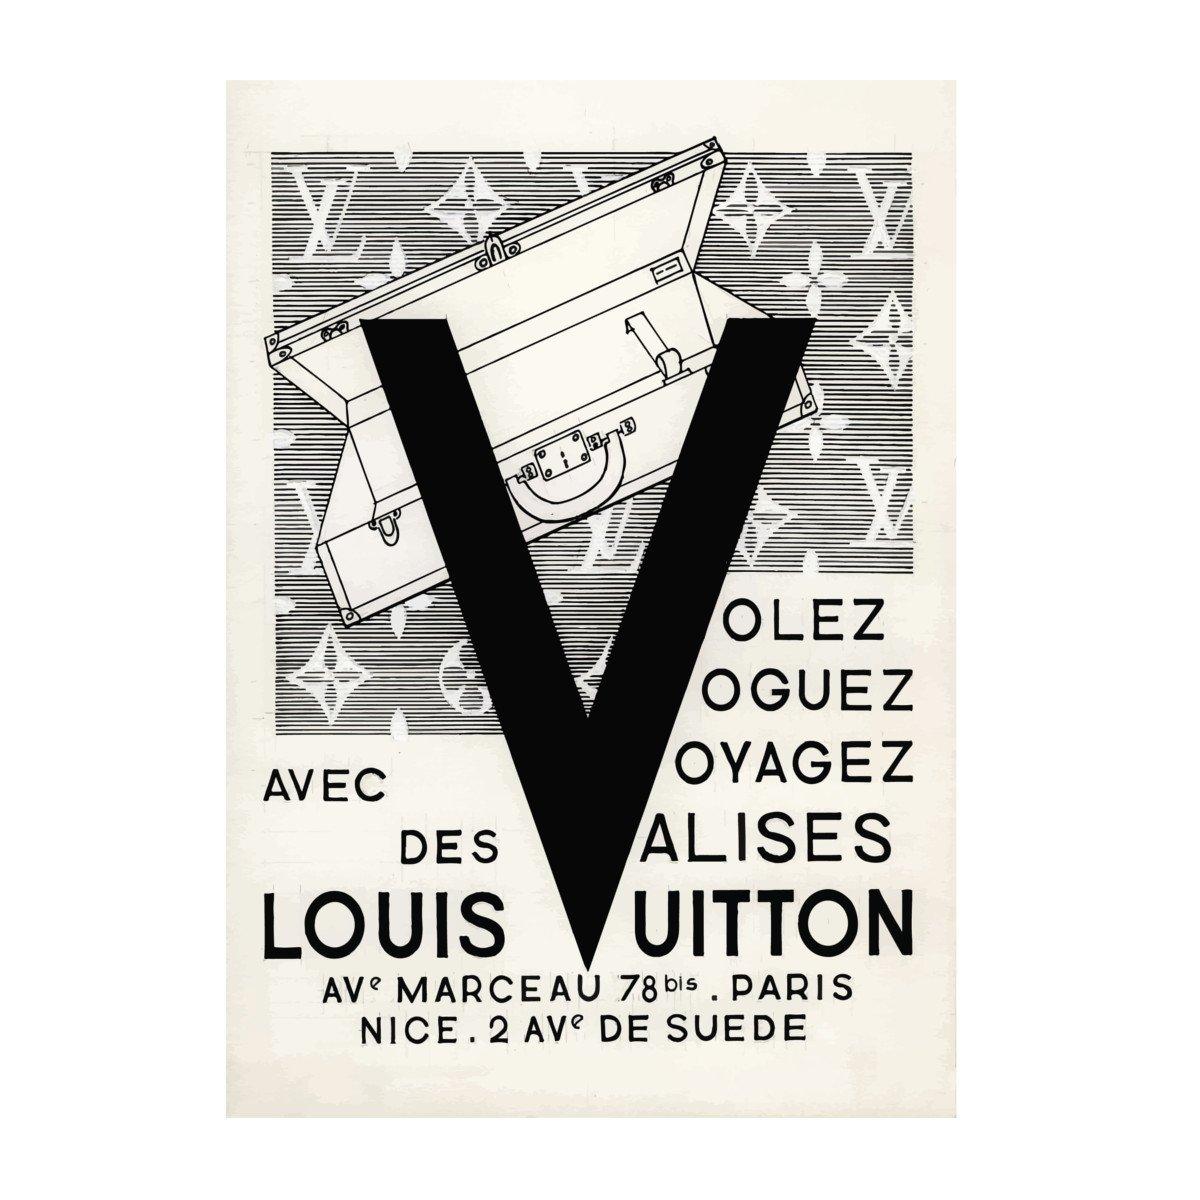 Aroma of Paris アートポスター おしゃれ インテリア 北欧 モノクロ アート #069 A2 シルバーフレーム B0798RGCMP A2 (420 x 594mm)|シルバーフレーム シルバーフレーム A2 (420 x 594mm)